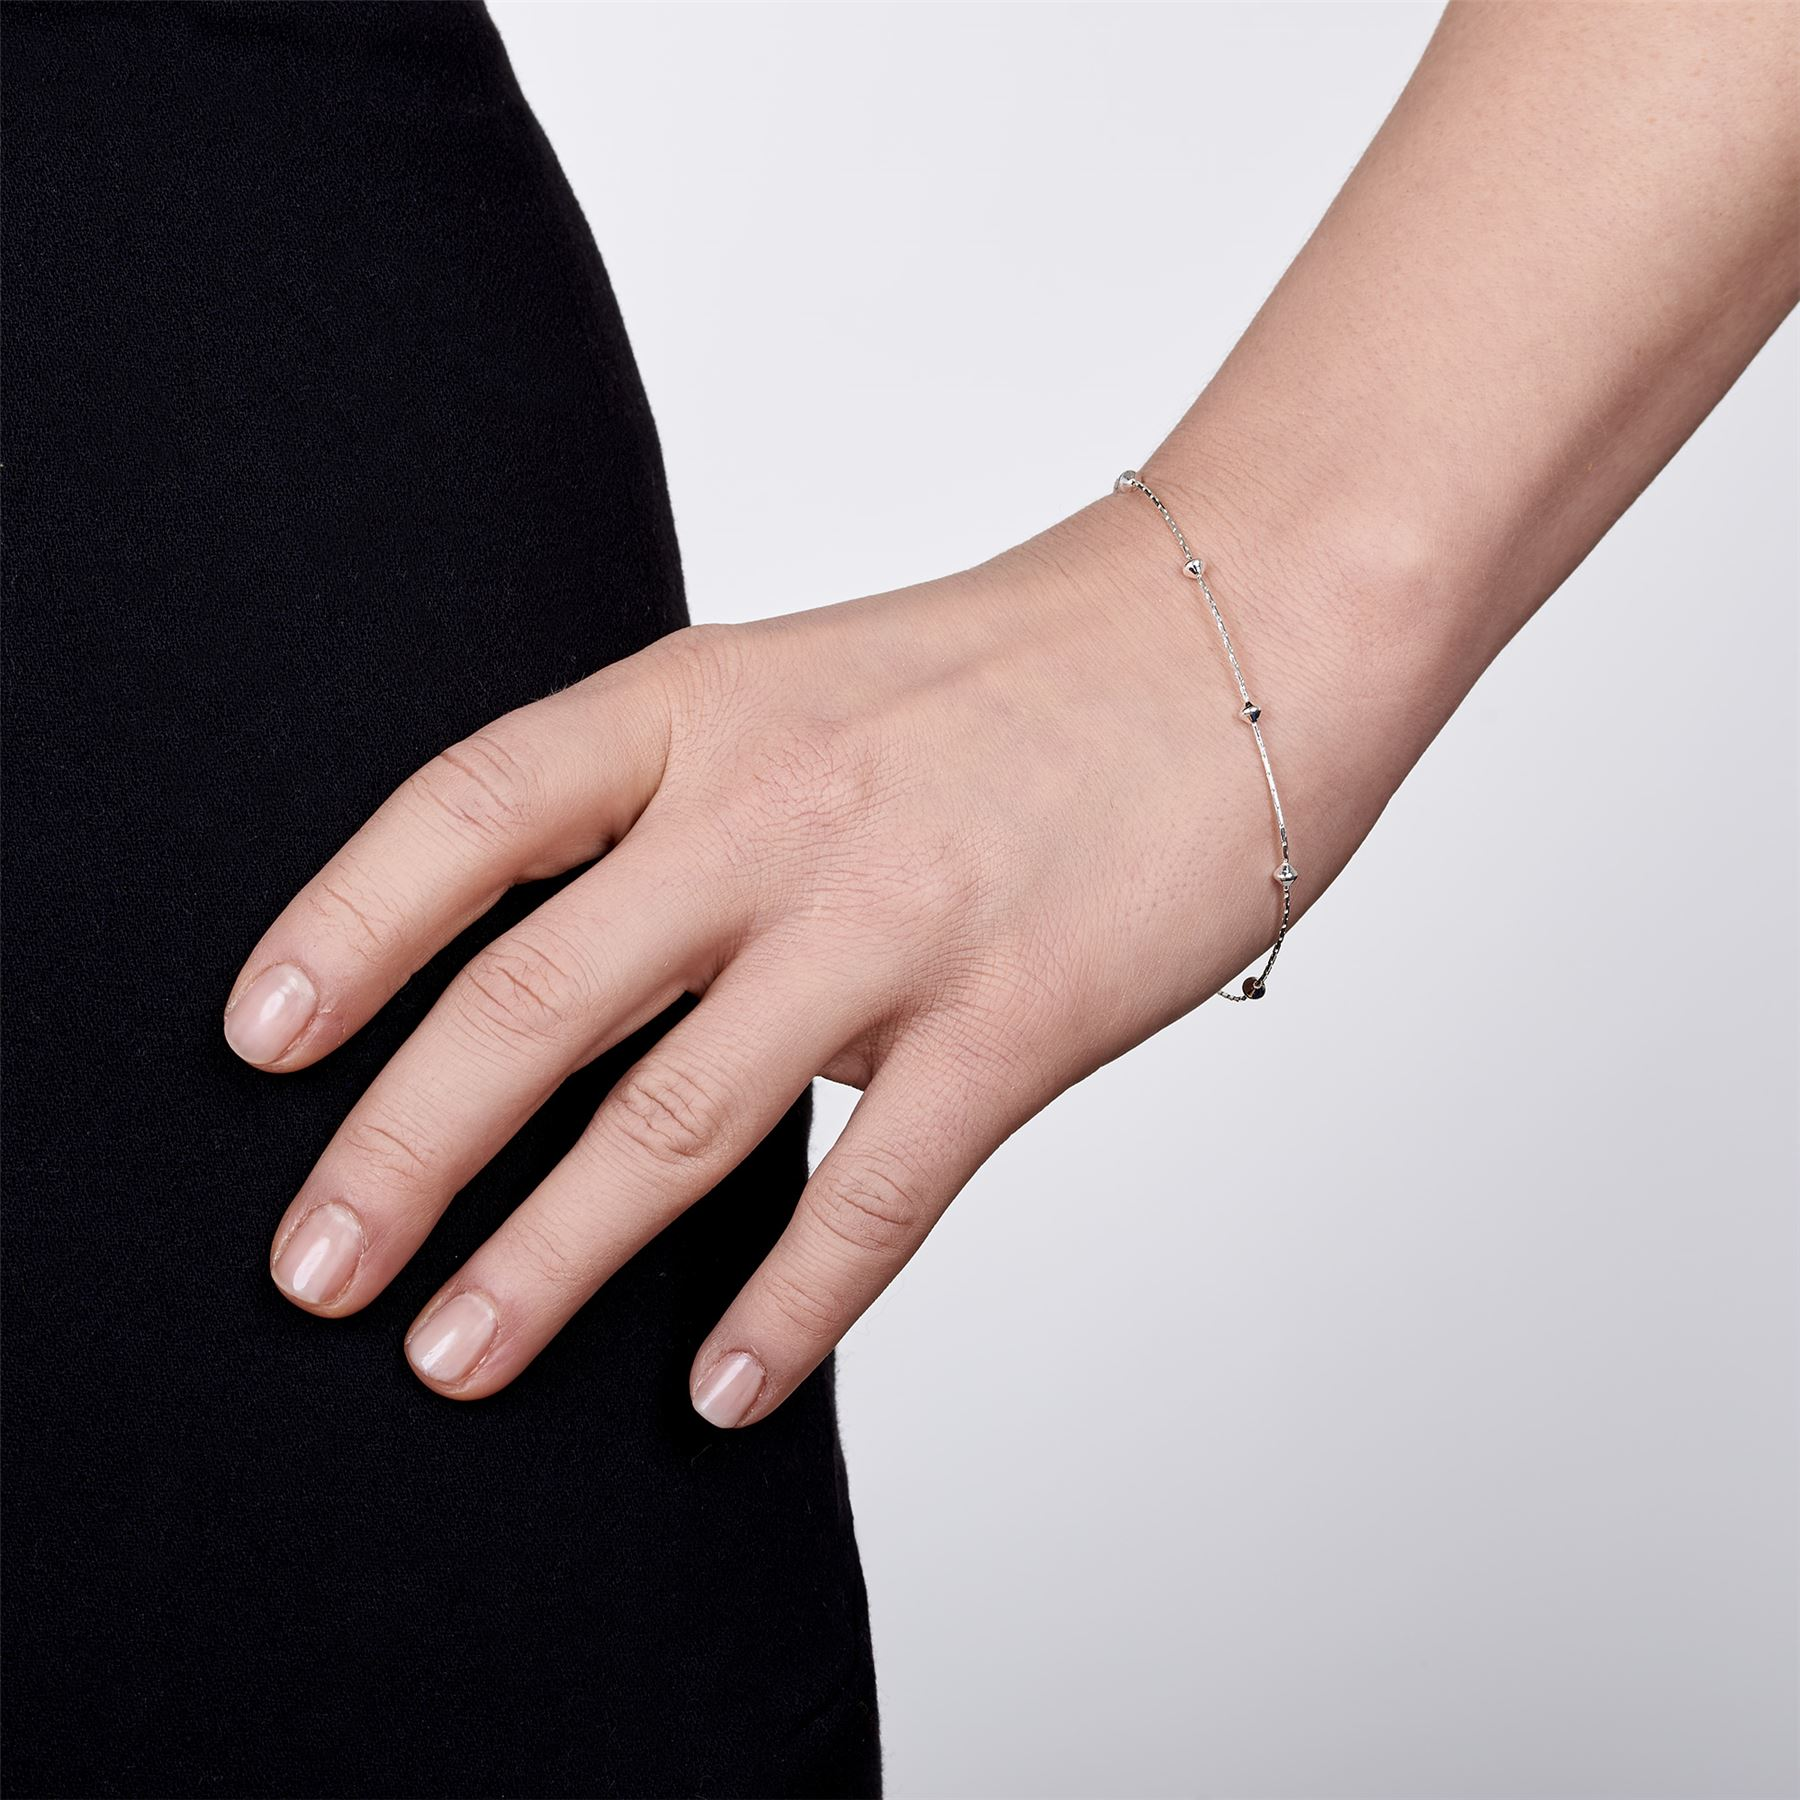 Amberta-Bijoux-Bracelet-en-Vrai-Argent-Sterling-925-Chaine-pour-Femme-a-la-Mode thumbnail 5